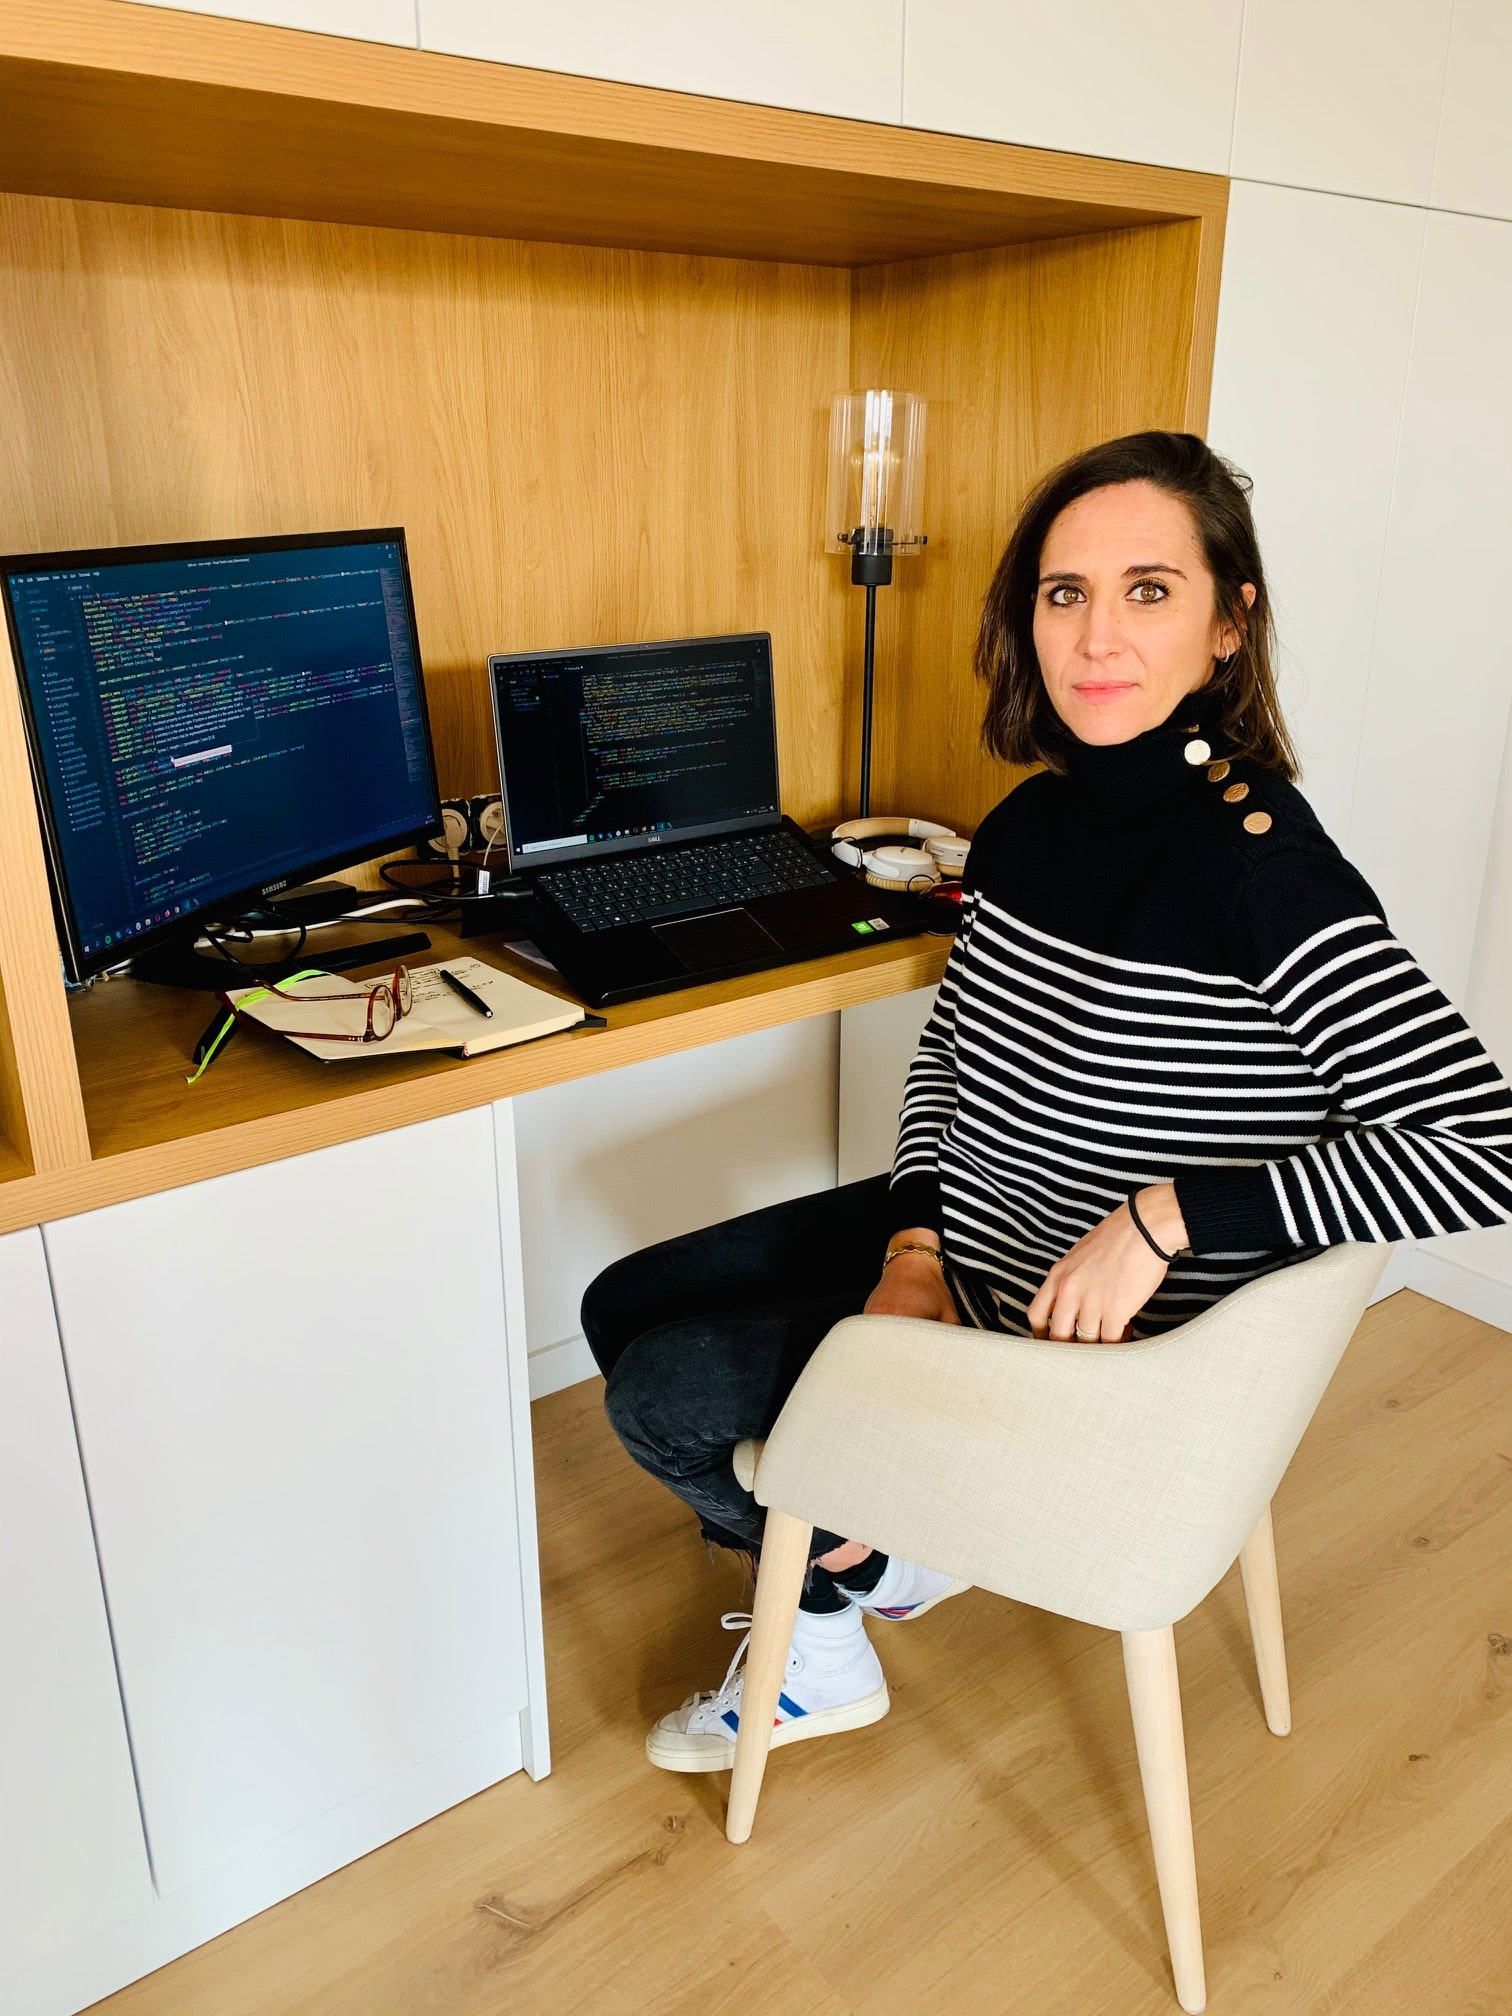 développeuse web devant son ordinateur